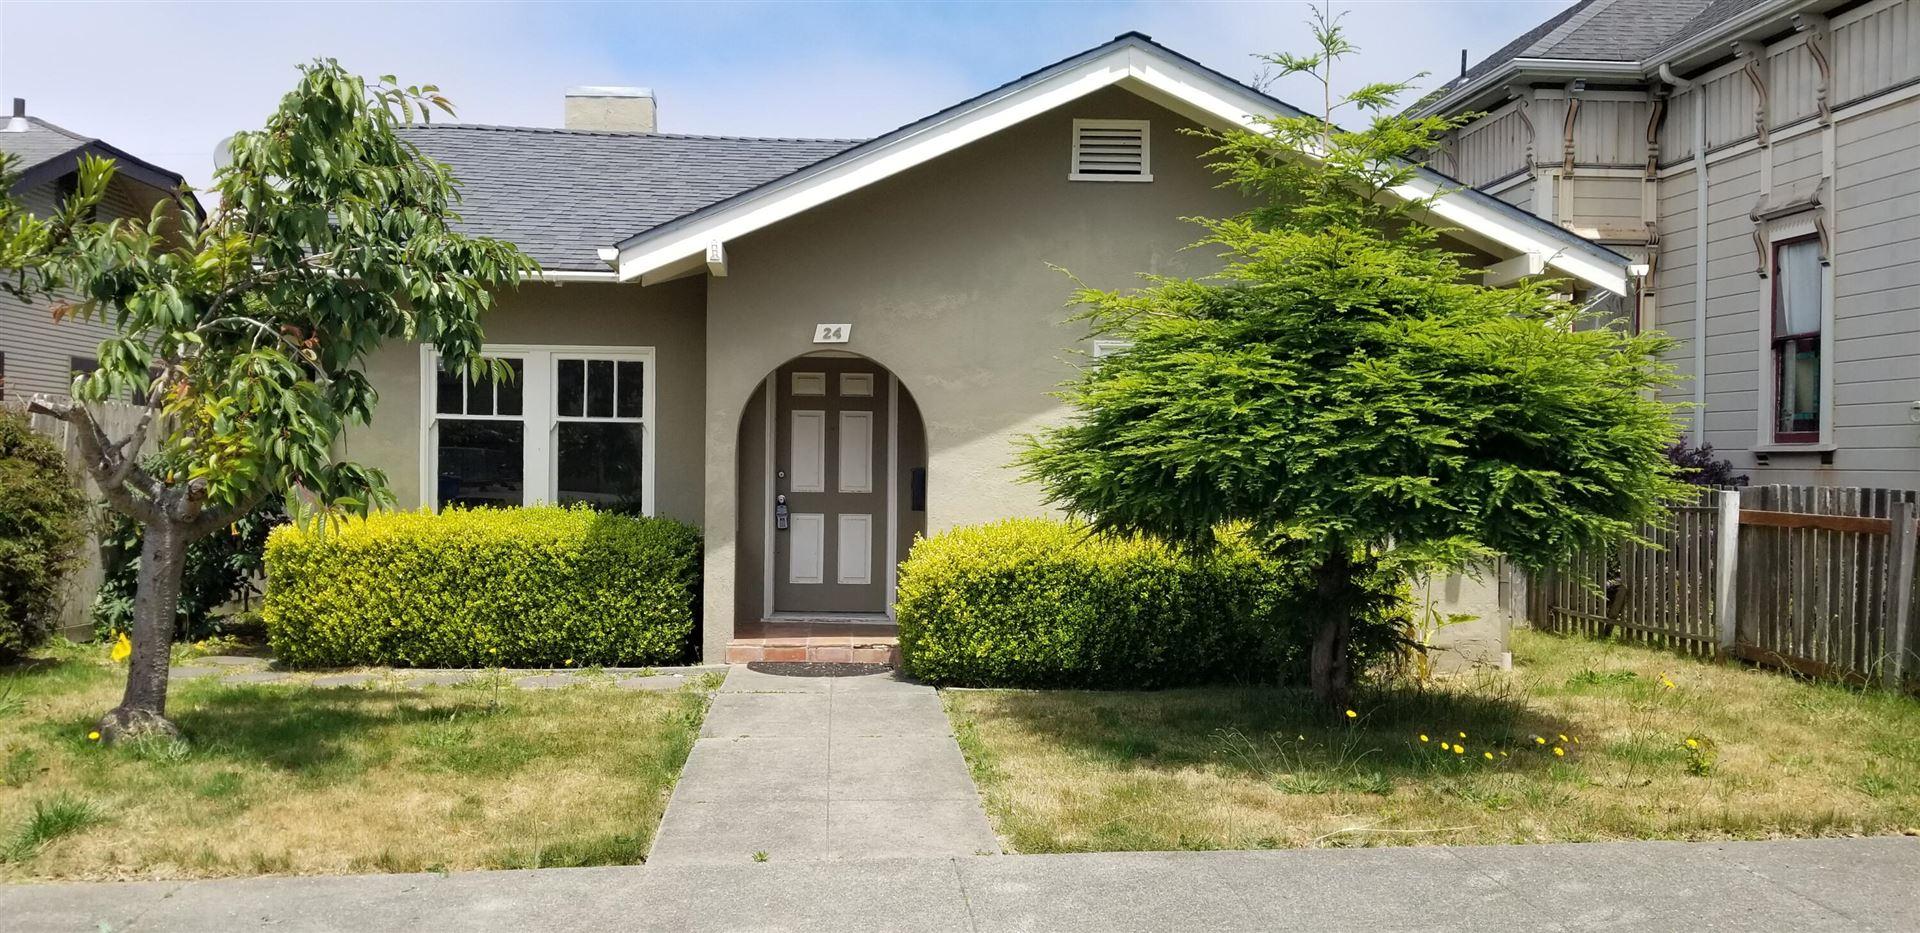 24 W Cedar Street, Eureka, CA 95501 - MLS#: 259435